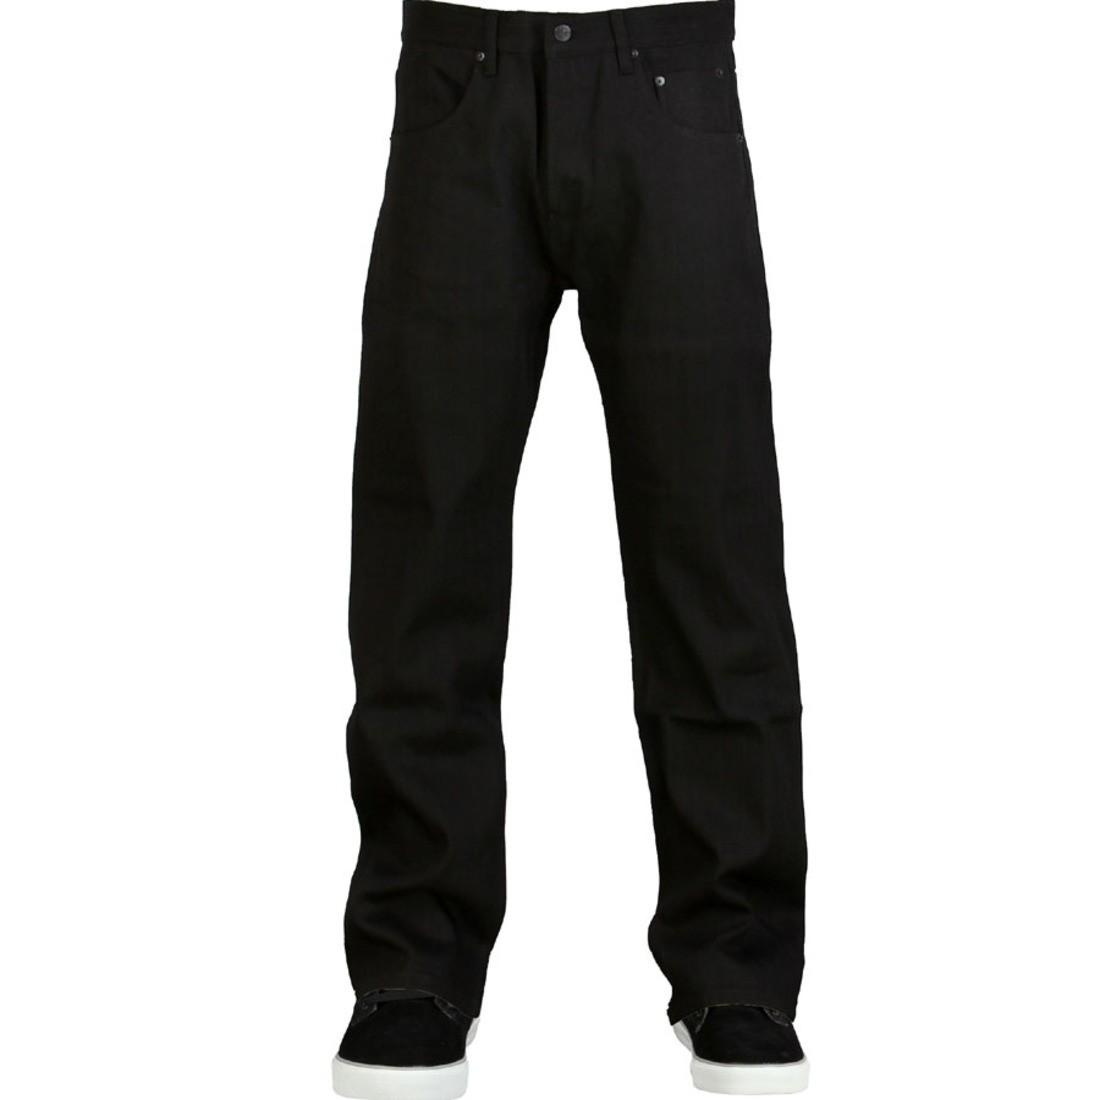 スタンダード 黒 ブラック 【 STANDARD BLACK THE HUNDREDS AVALON JEAN 】 メンズファッション ズボン パンツ